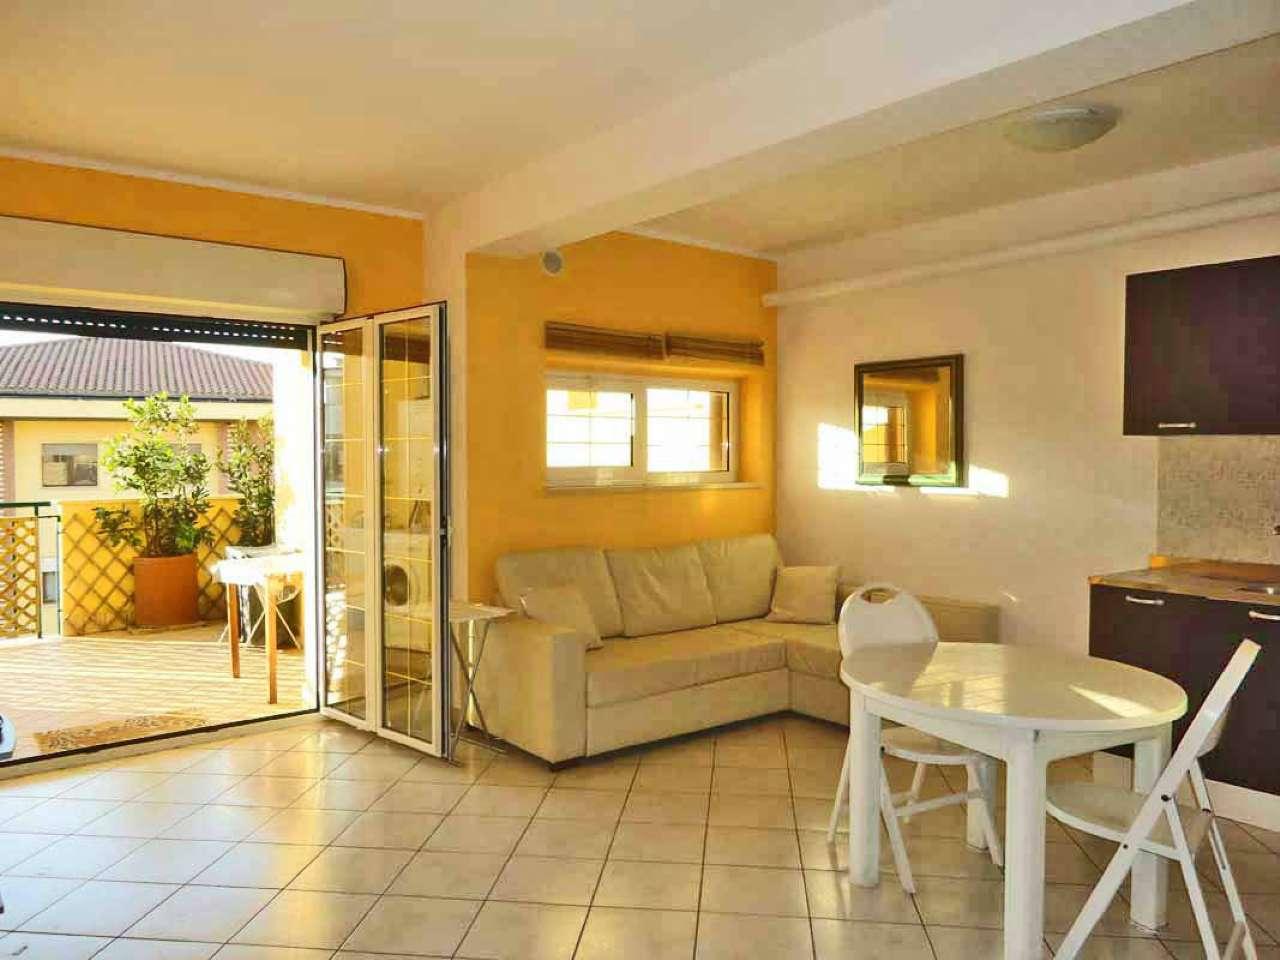 Attico / Mansarda in vendita a Sabaudia, 5 locali, prezzo € 215.000 | CambioCasa.it